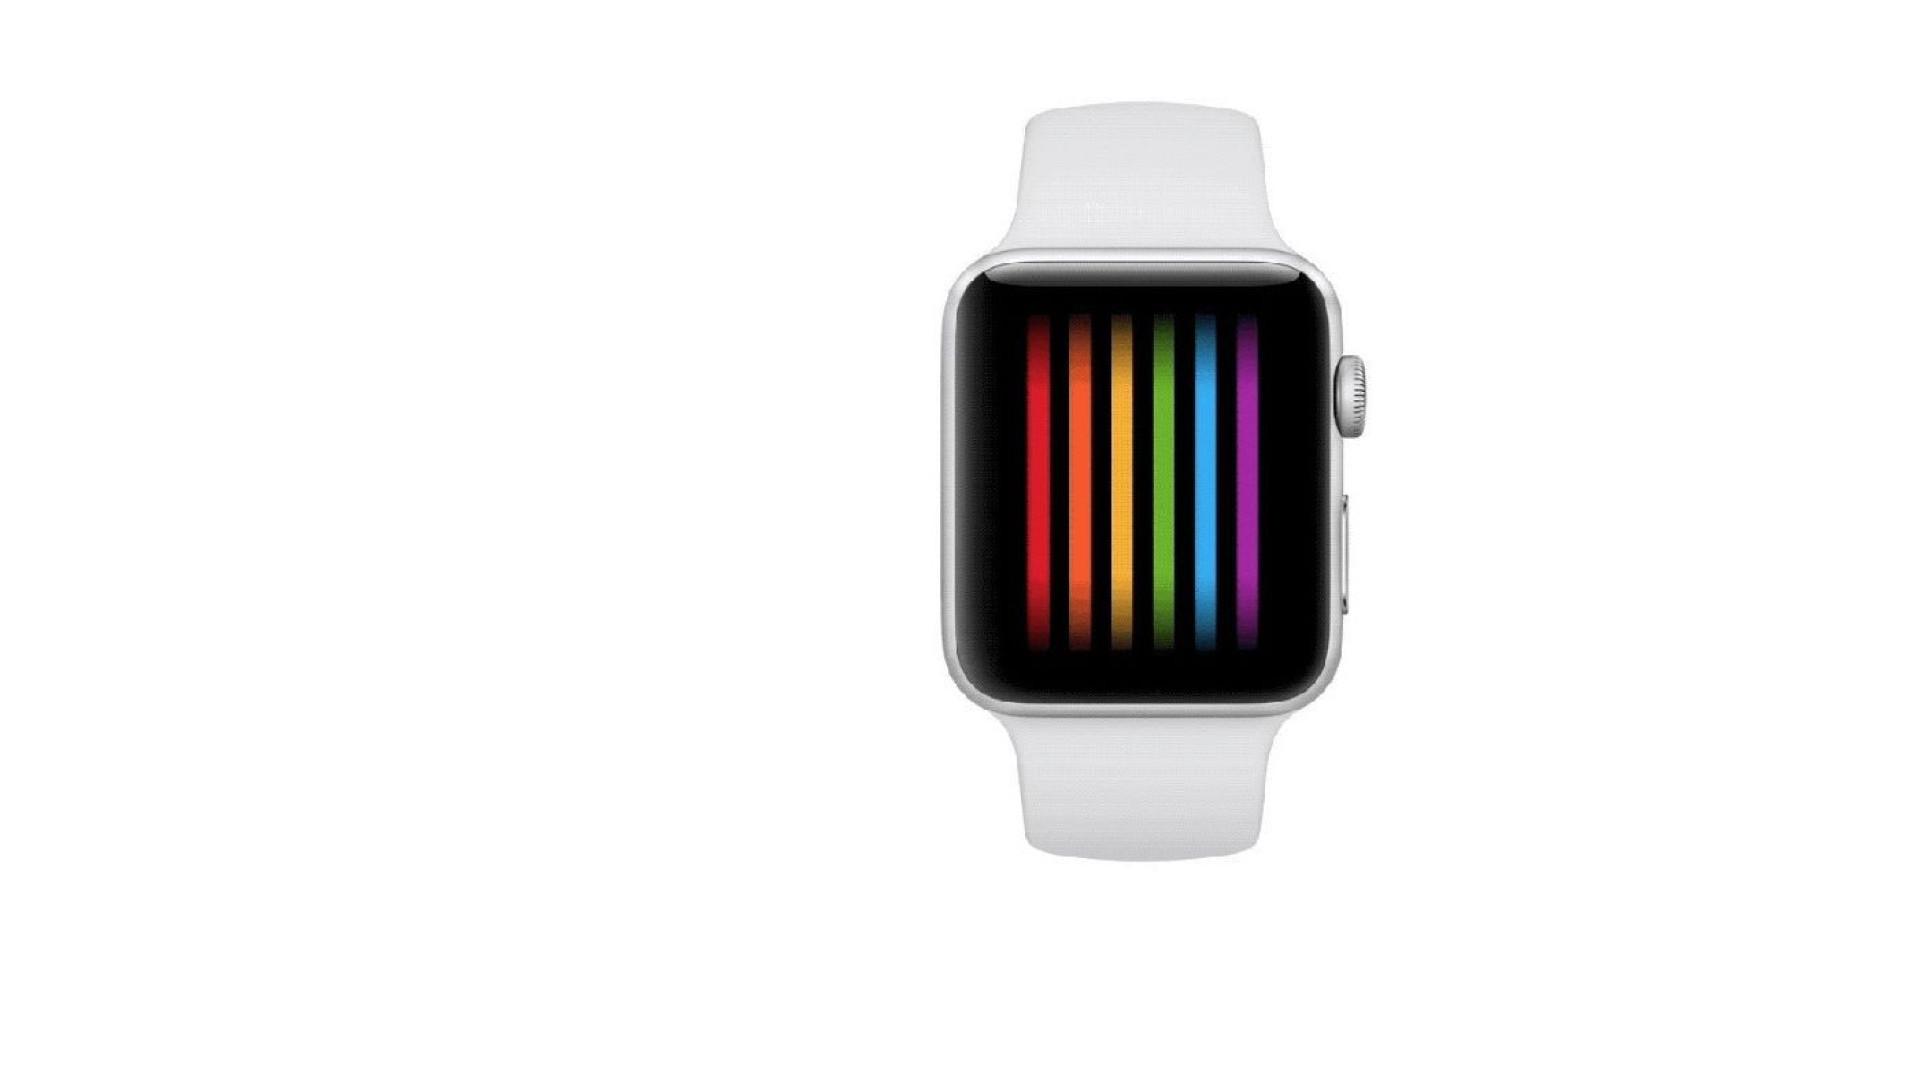 Visor do relógio da Apple celebra comunidade LGBTQ